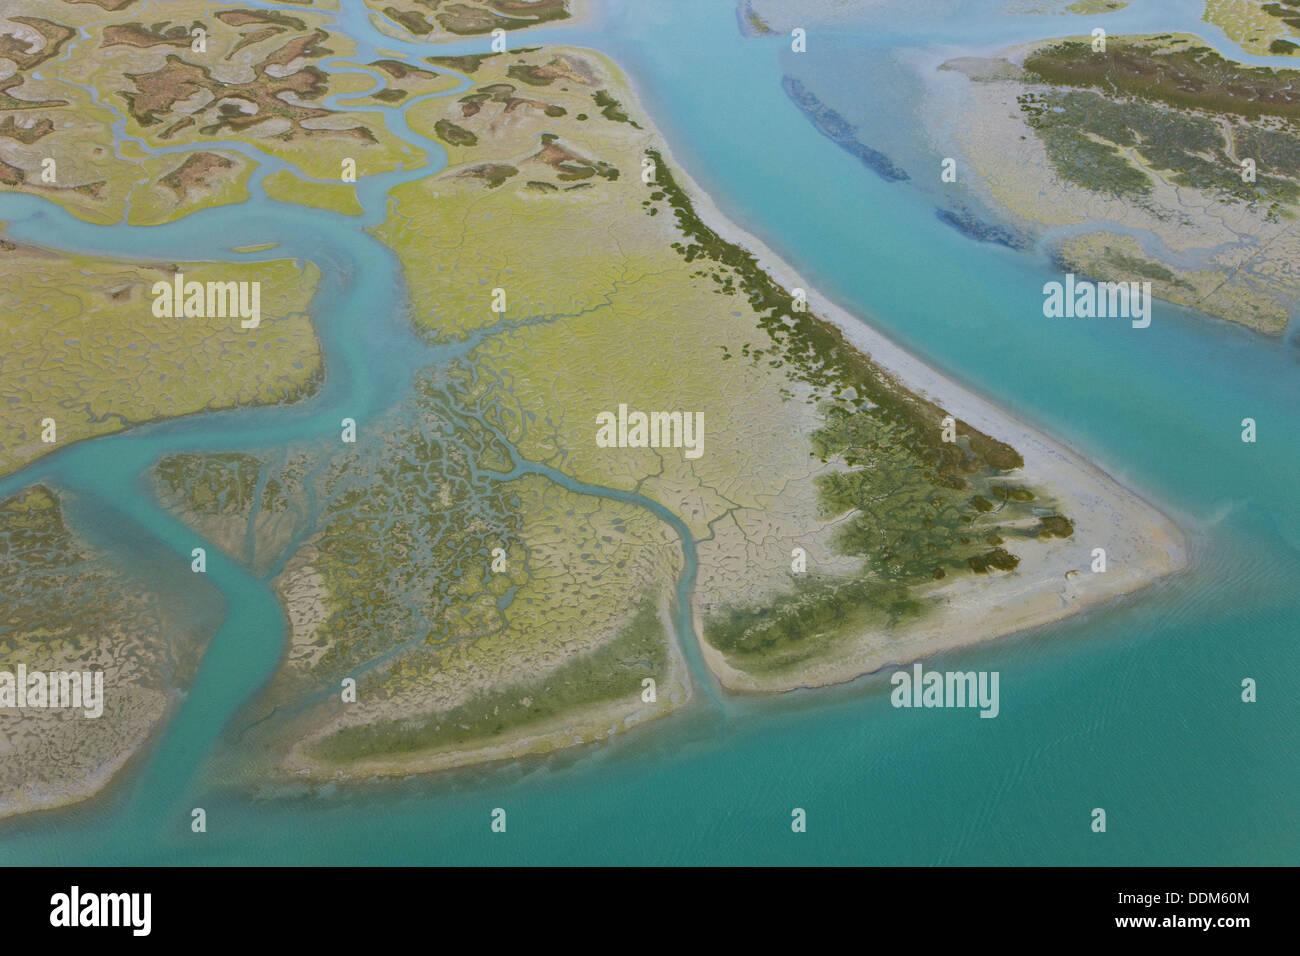 Costa De La Luz Spain Map.Aerial View On Marshlands Bahia De Cadiz Natural Park Costa De La